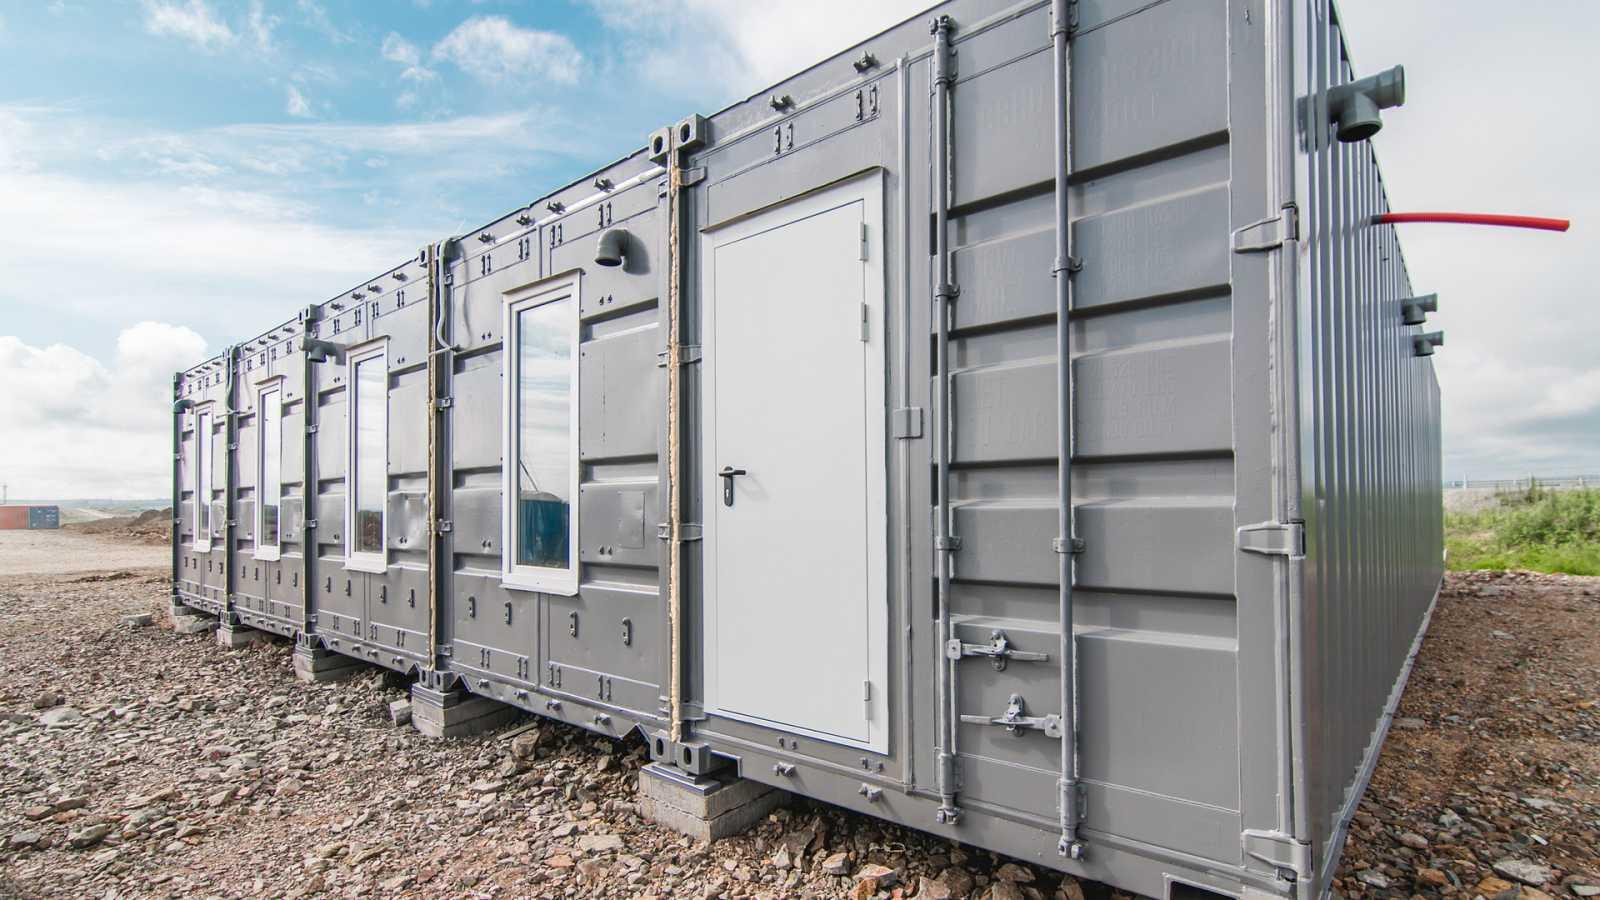 Otros documentales - Construcciones ecológicas: Construcción con contendores - ver ahora